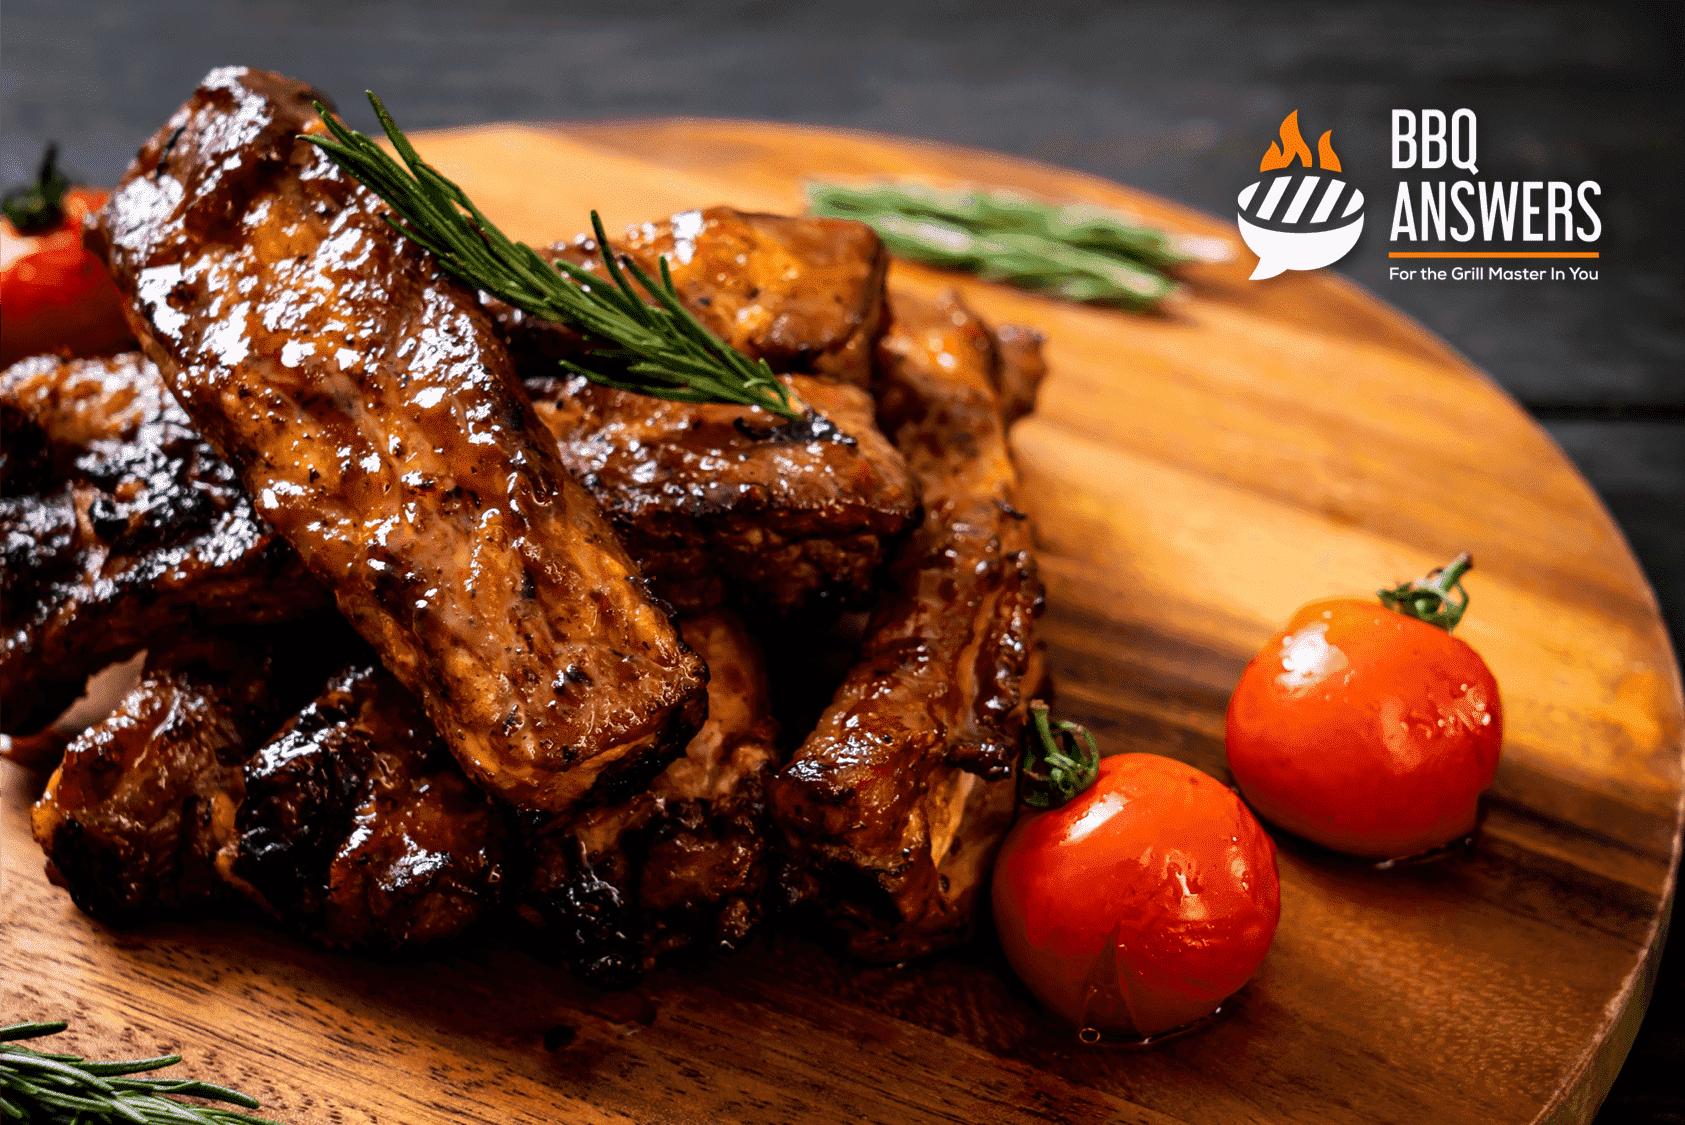 Vegan BBQ Ribs | BBQanswers